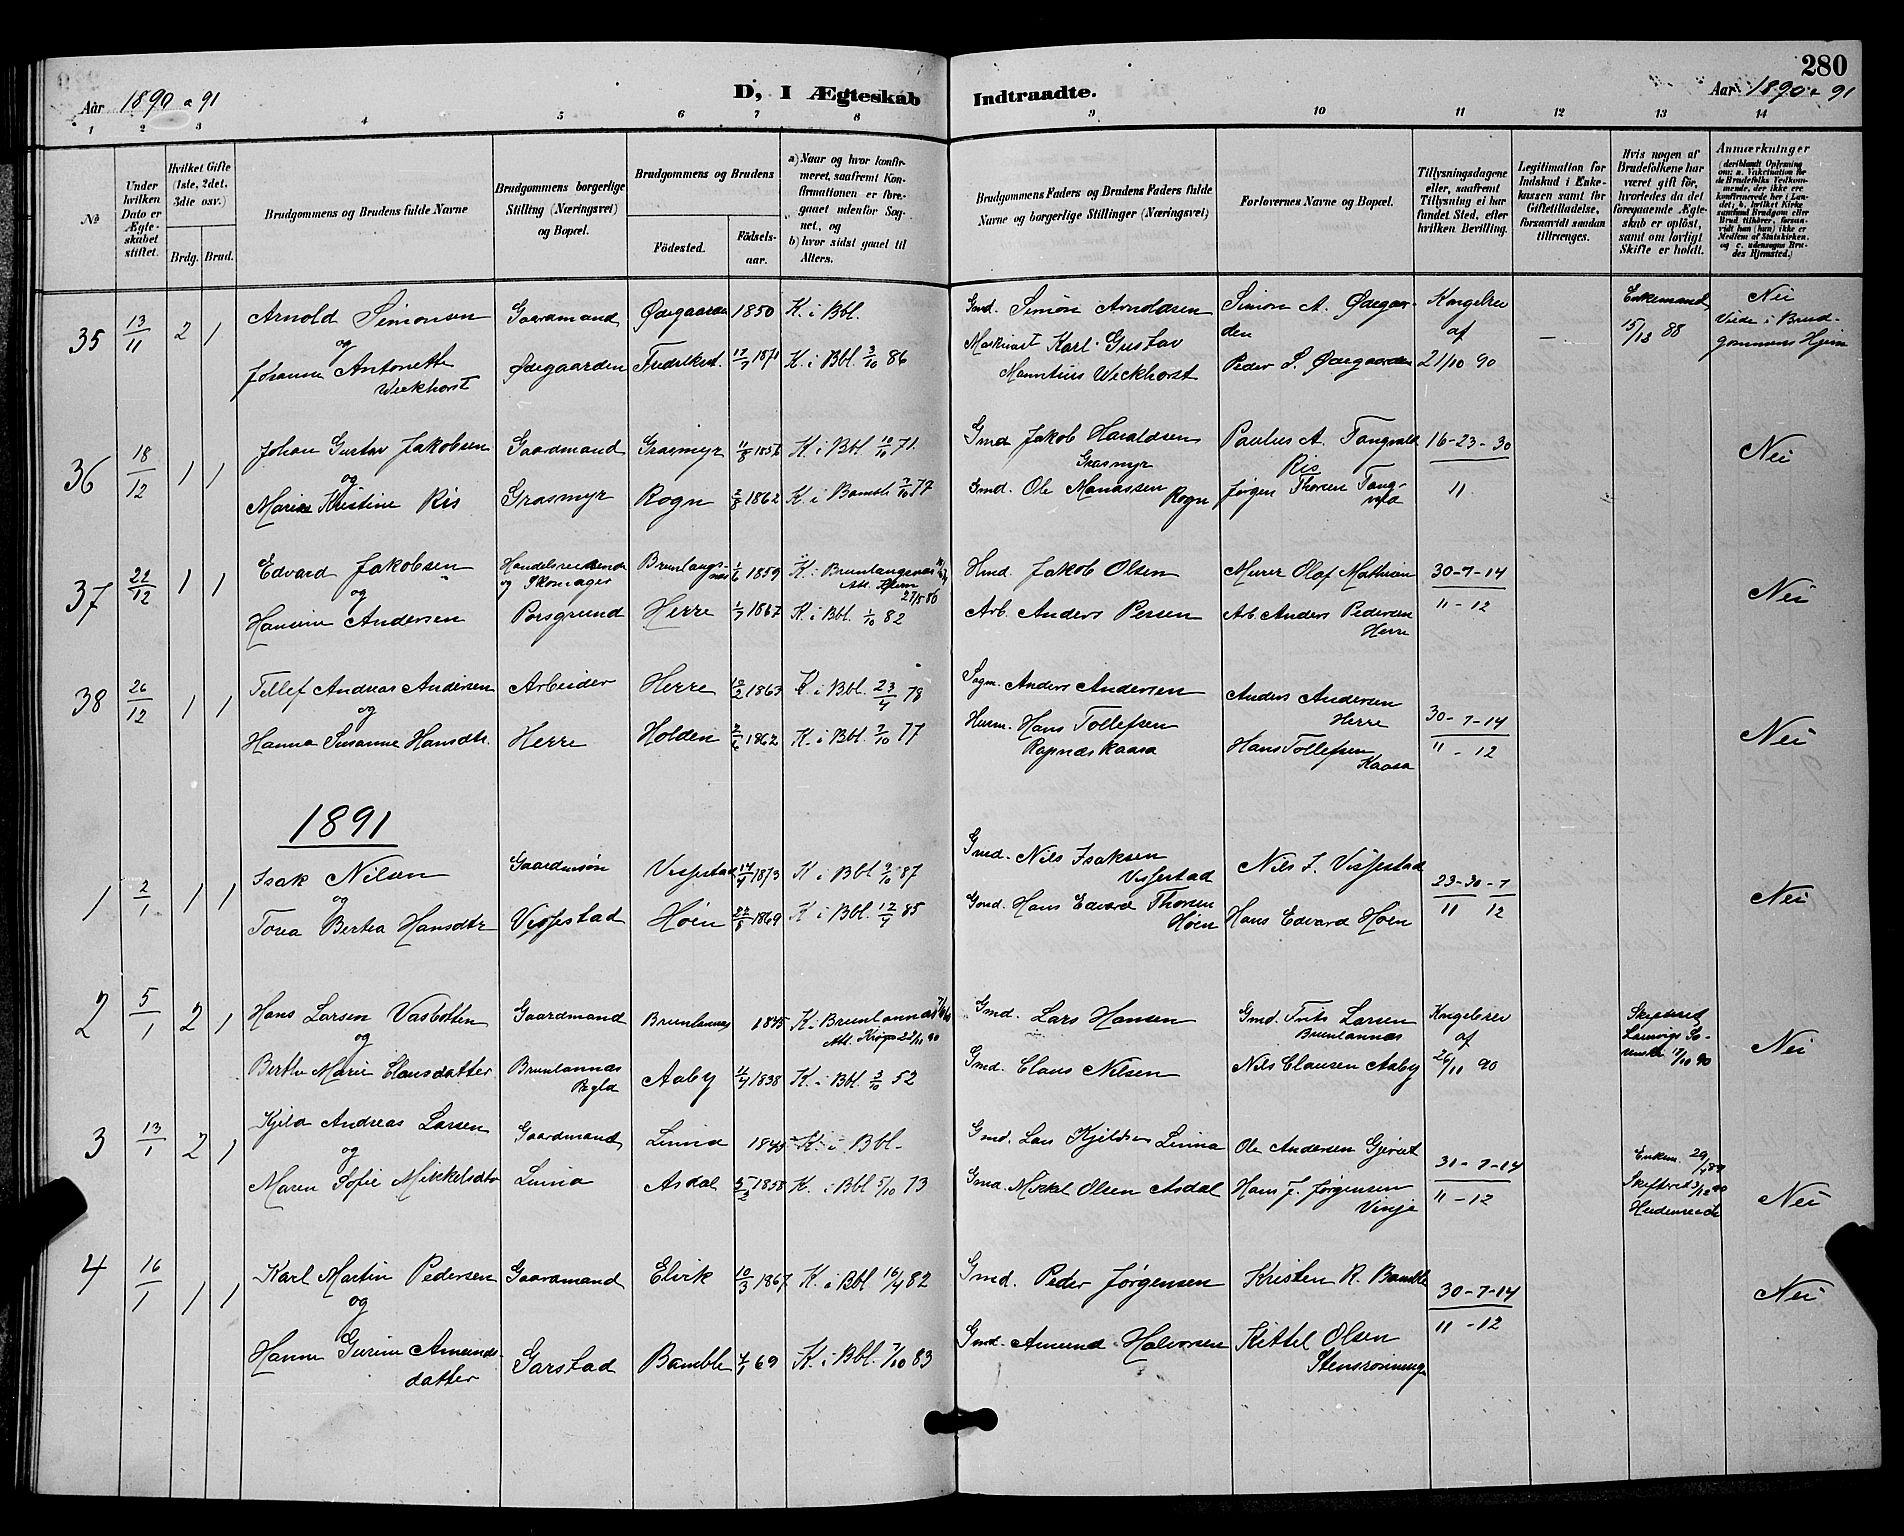 SAKO, Bamble kirkebøker, G/Ga/L0009: Klokkerbok nr. I 9, 1888-1900, s. 280